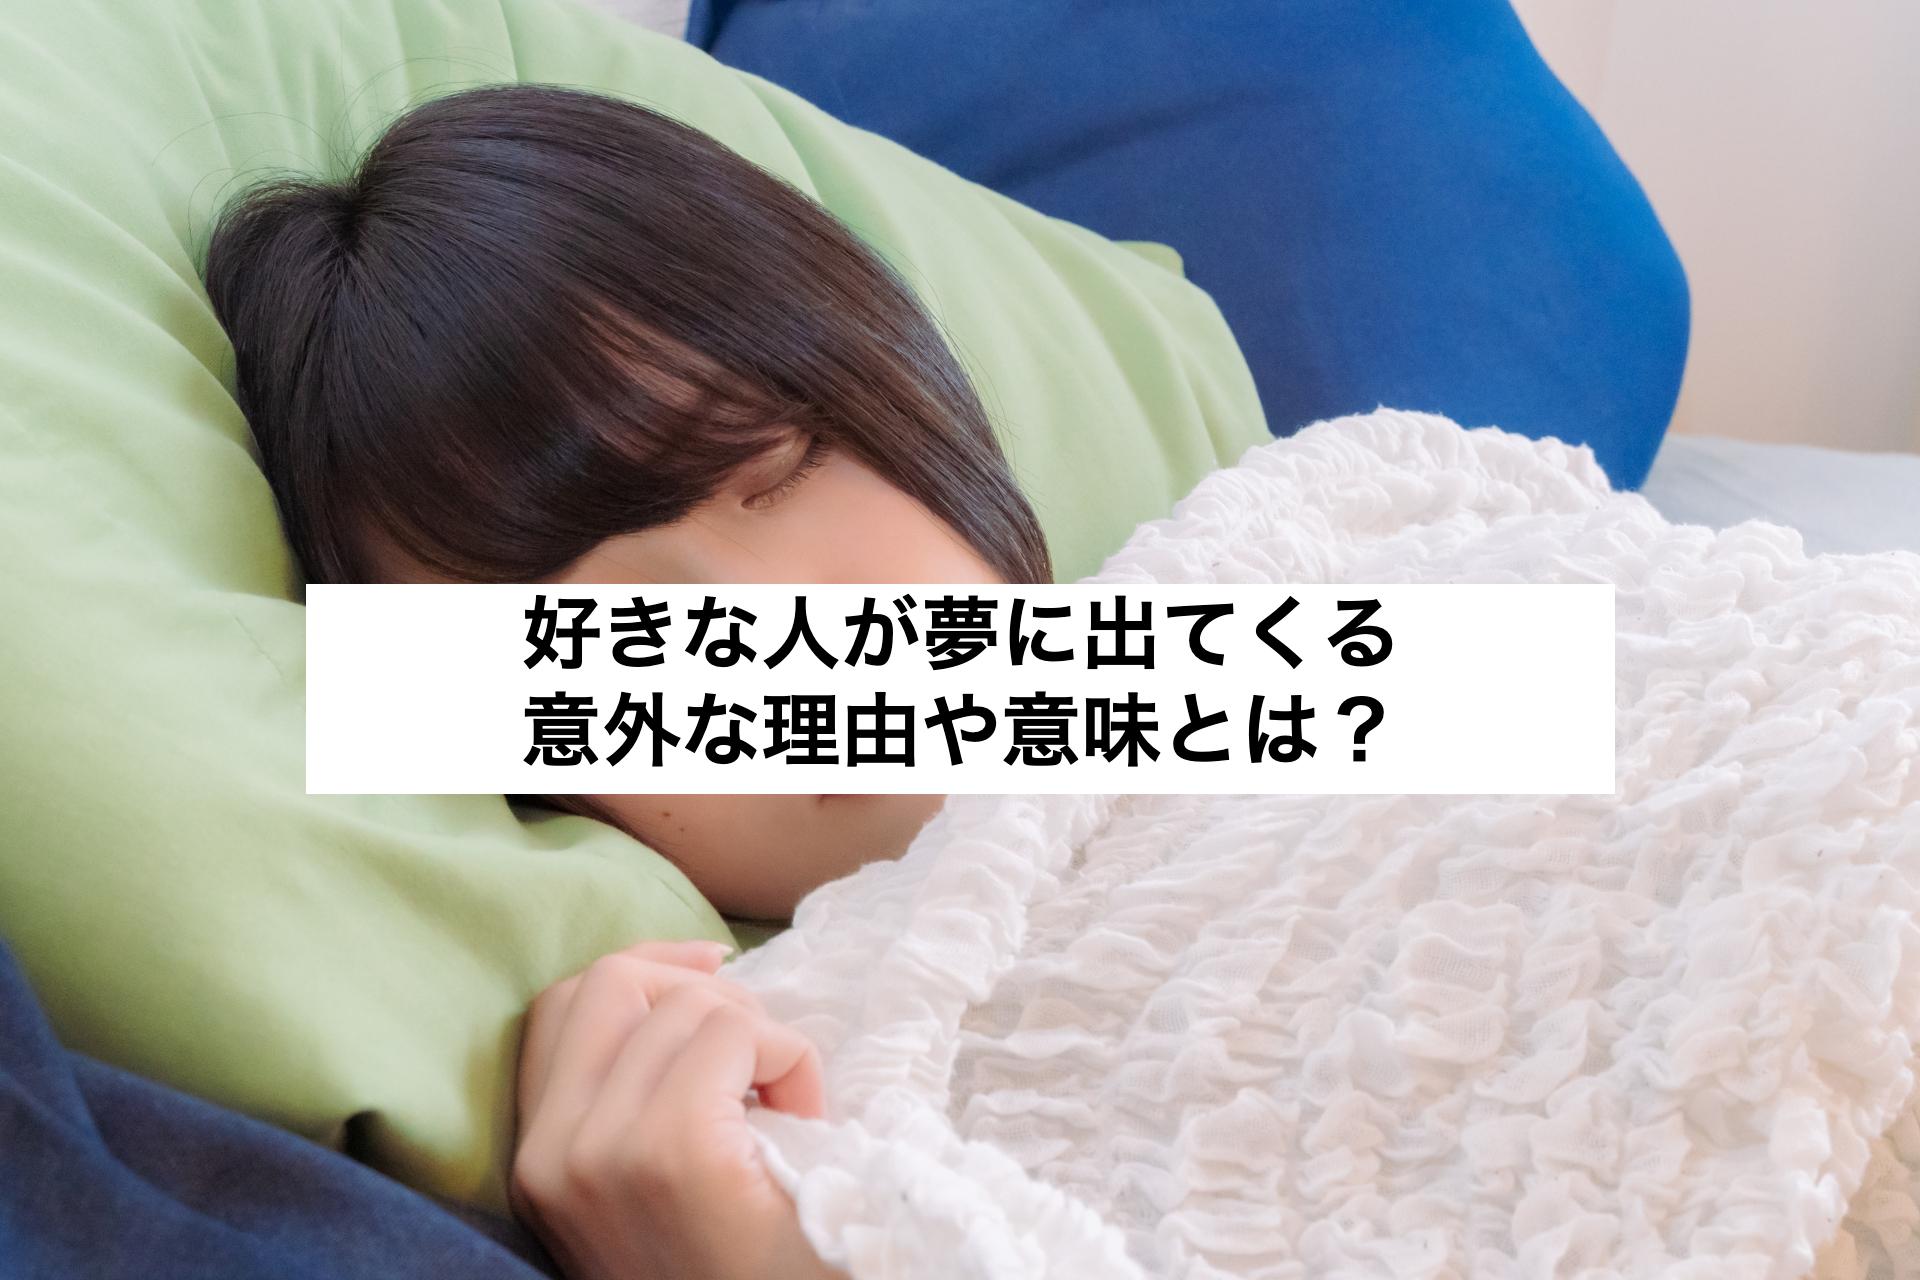 好きな人が夢に出てくる意外な理由や意味とは?シチュエーション別に解説